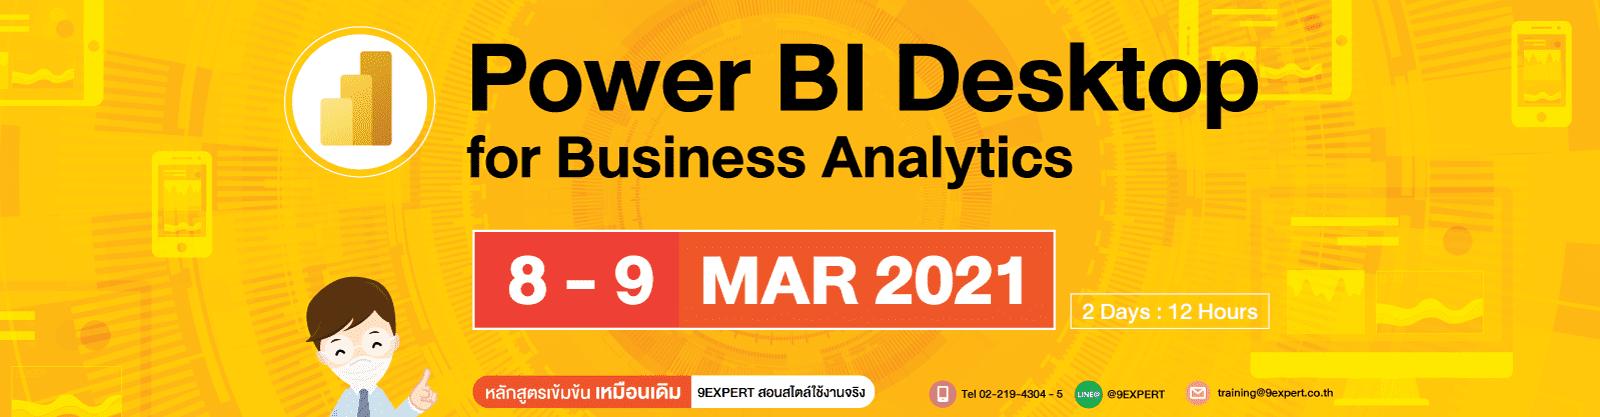 หลักสูตร Power BI Desktop for Business Analytics (2 Days) 8-9 มีนาคม 2564